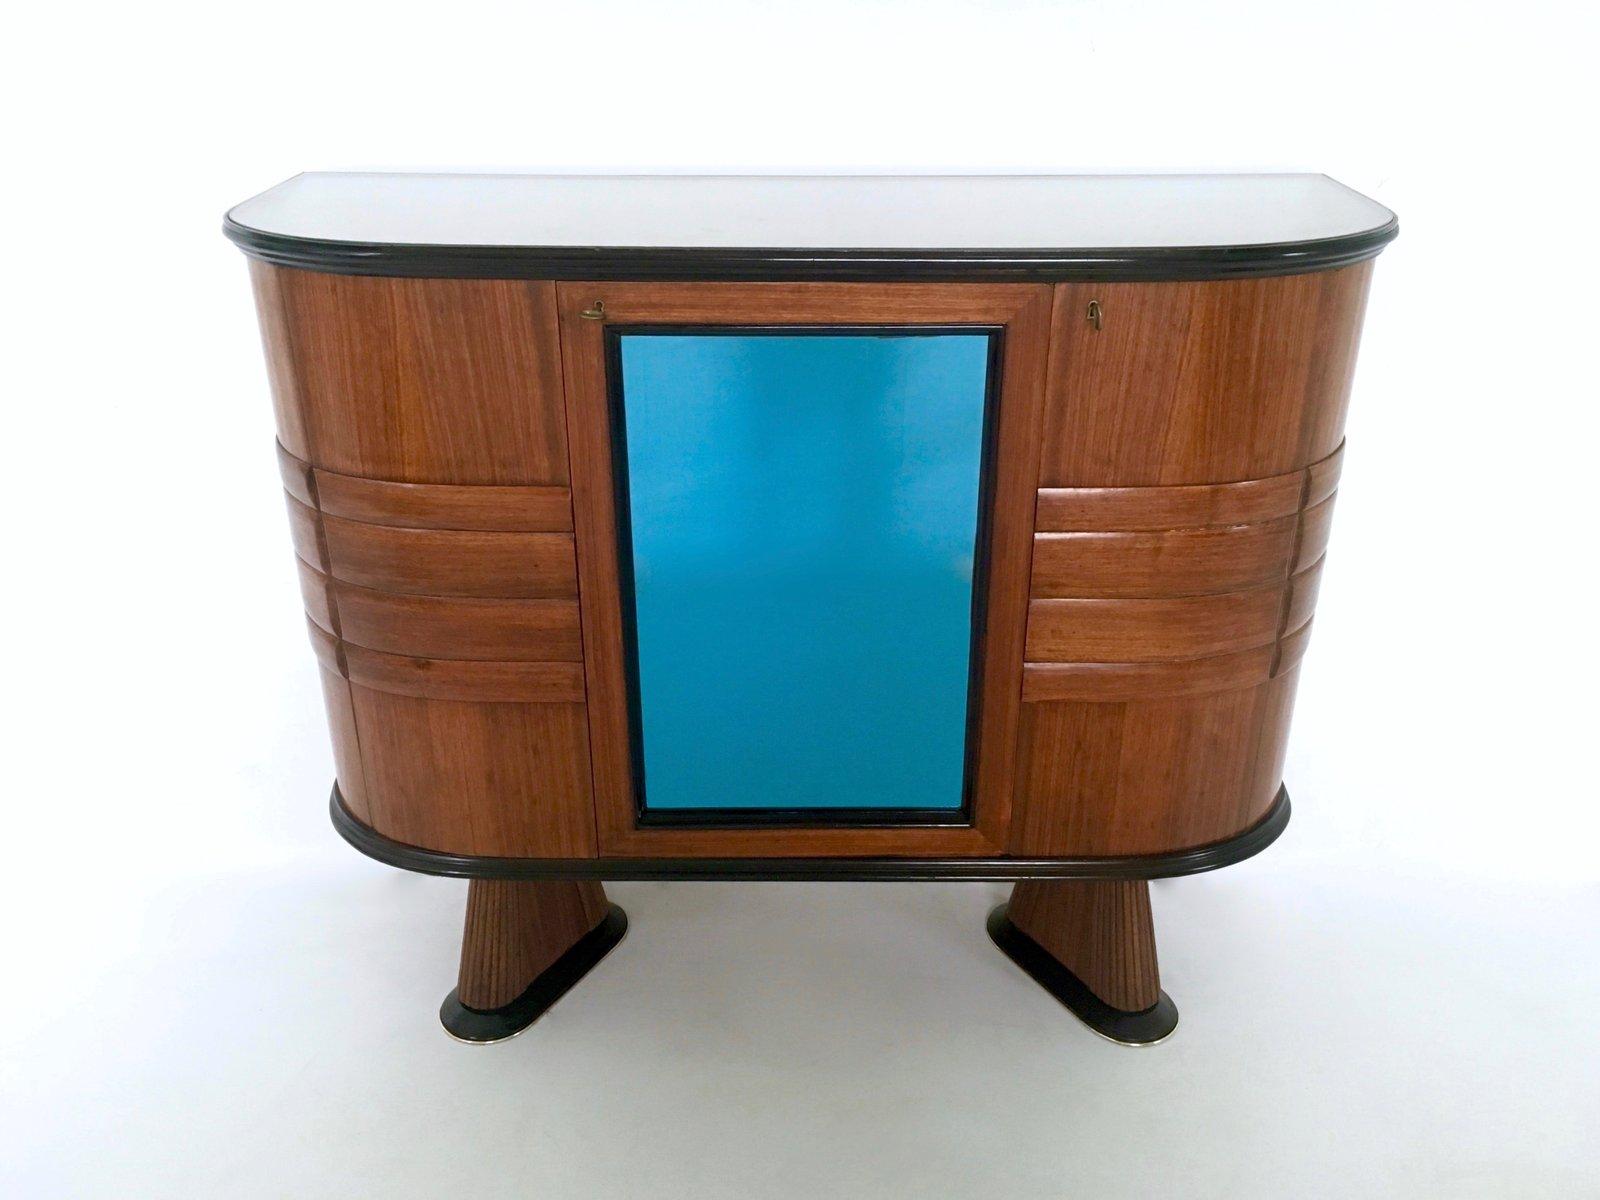 italienischer palisander schrank mit blau verspiegelter bar 1950er bei pamono kaufen. Black Bedroom Furniture Sets. Home Design Ideas